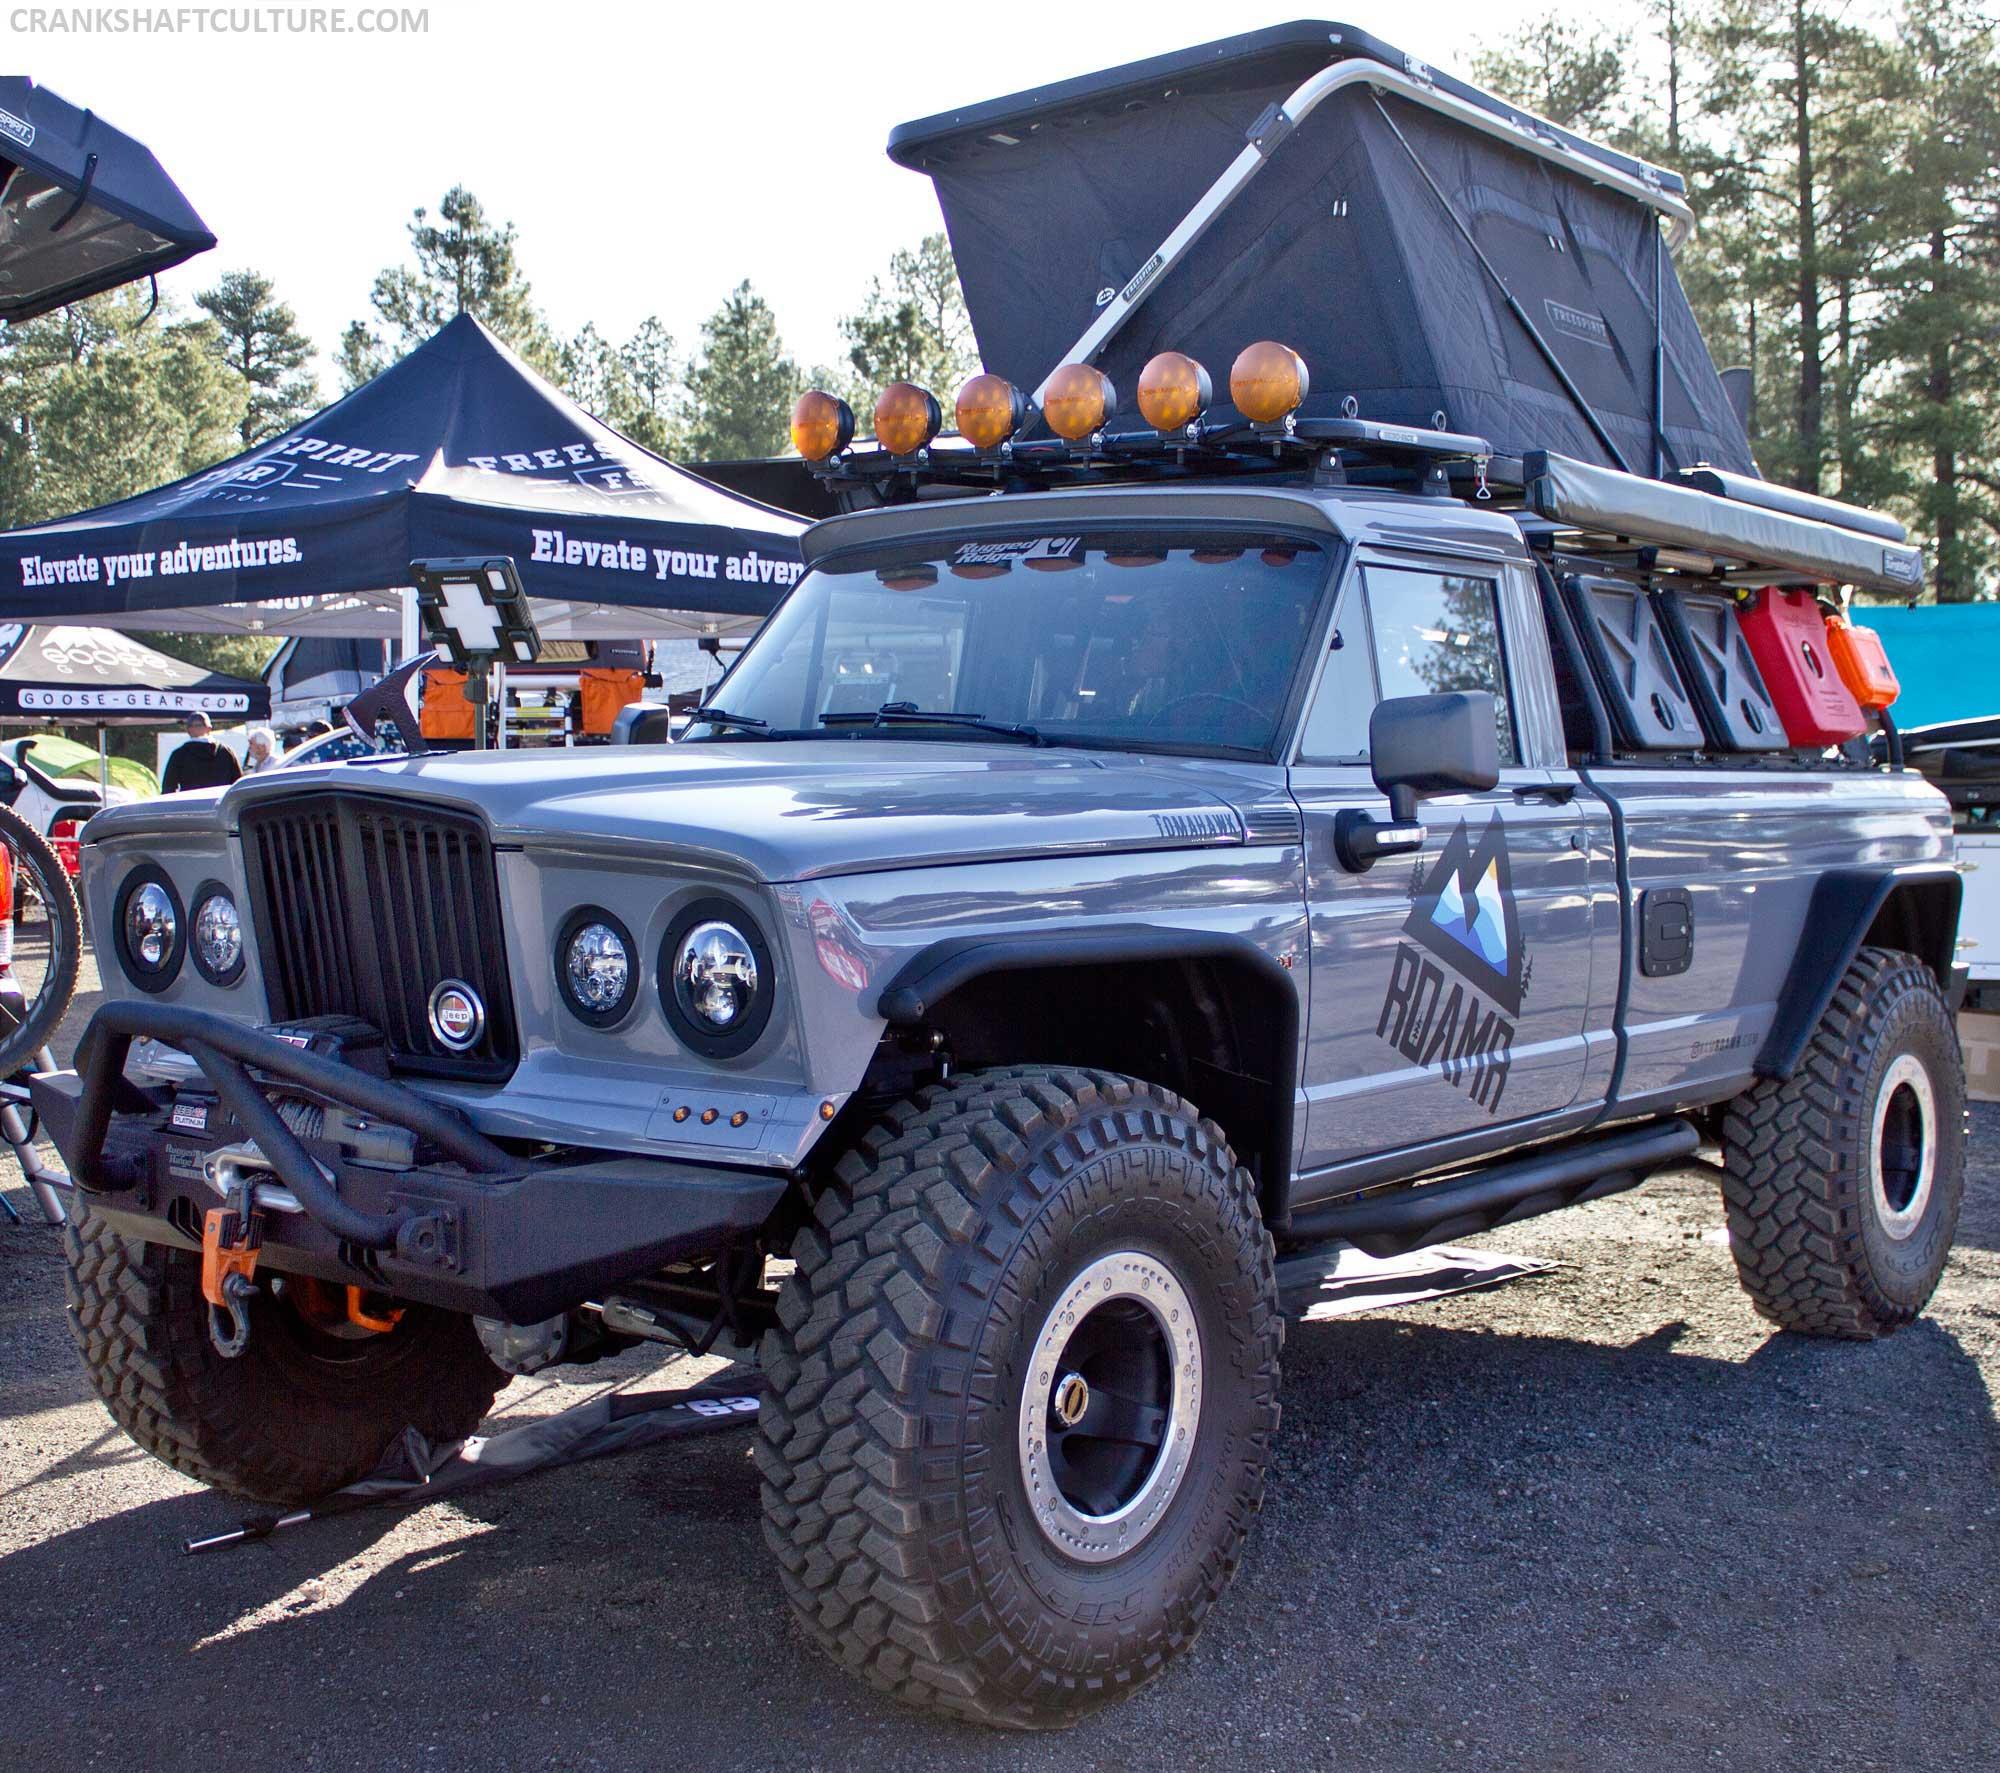 Jeep-Tomahawk-2 - CRANKSHAFT CULTURE